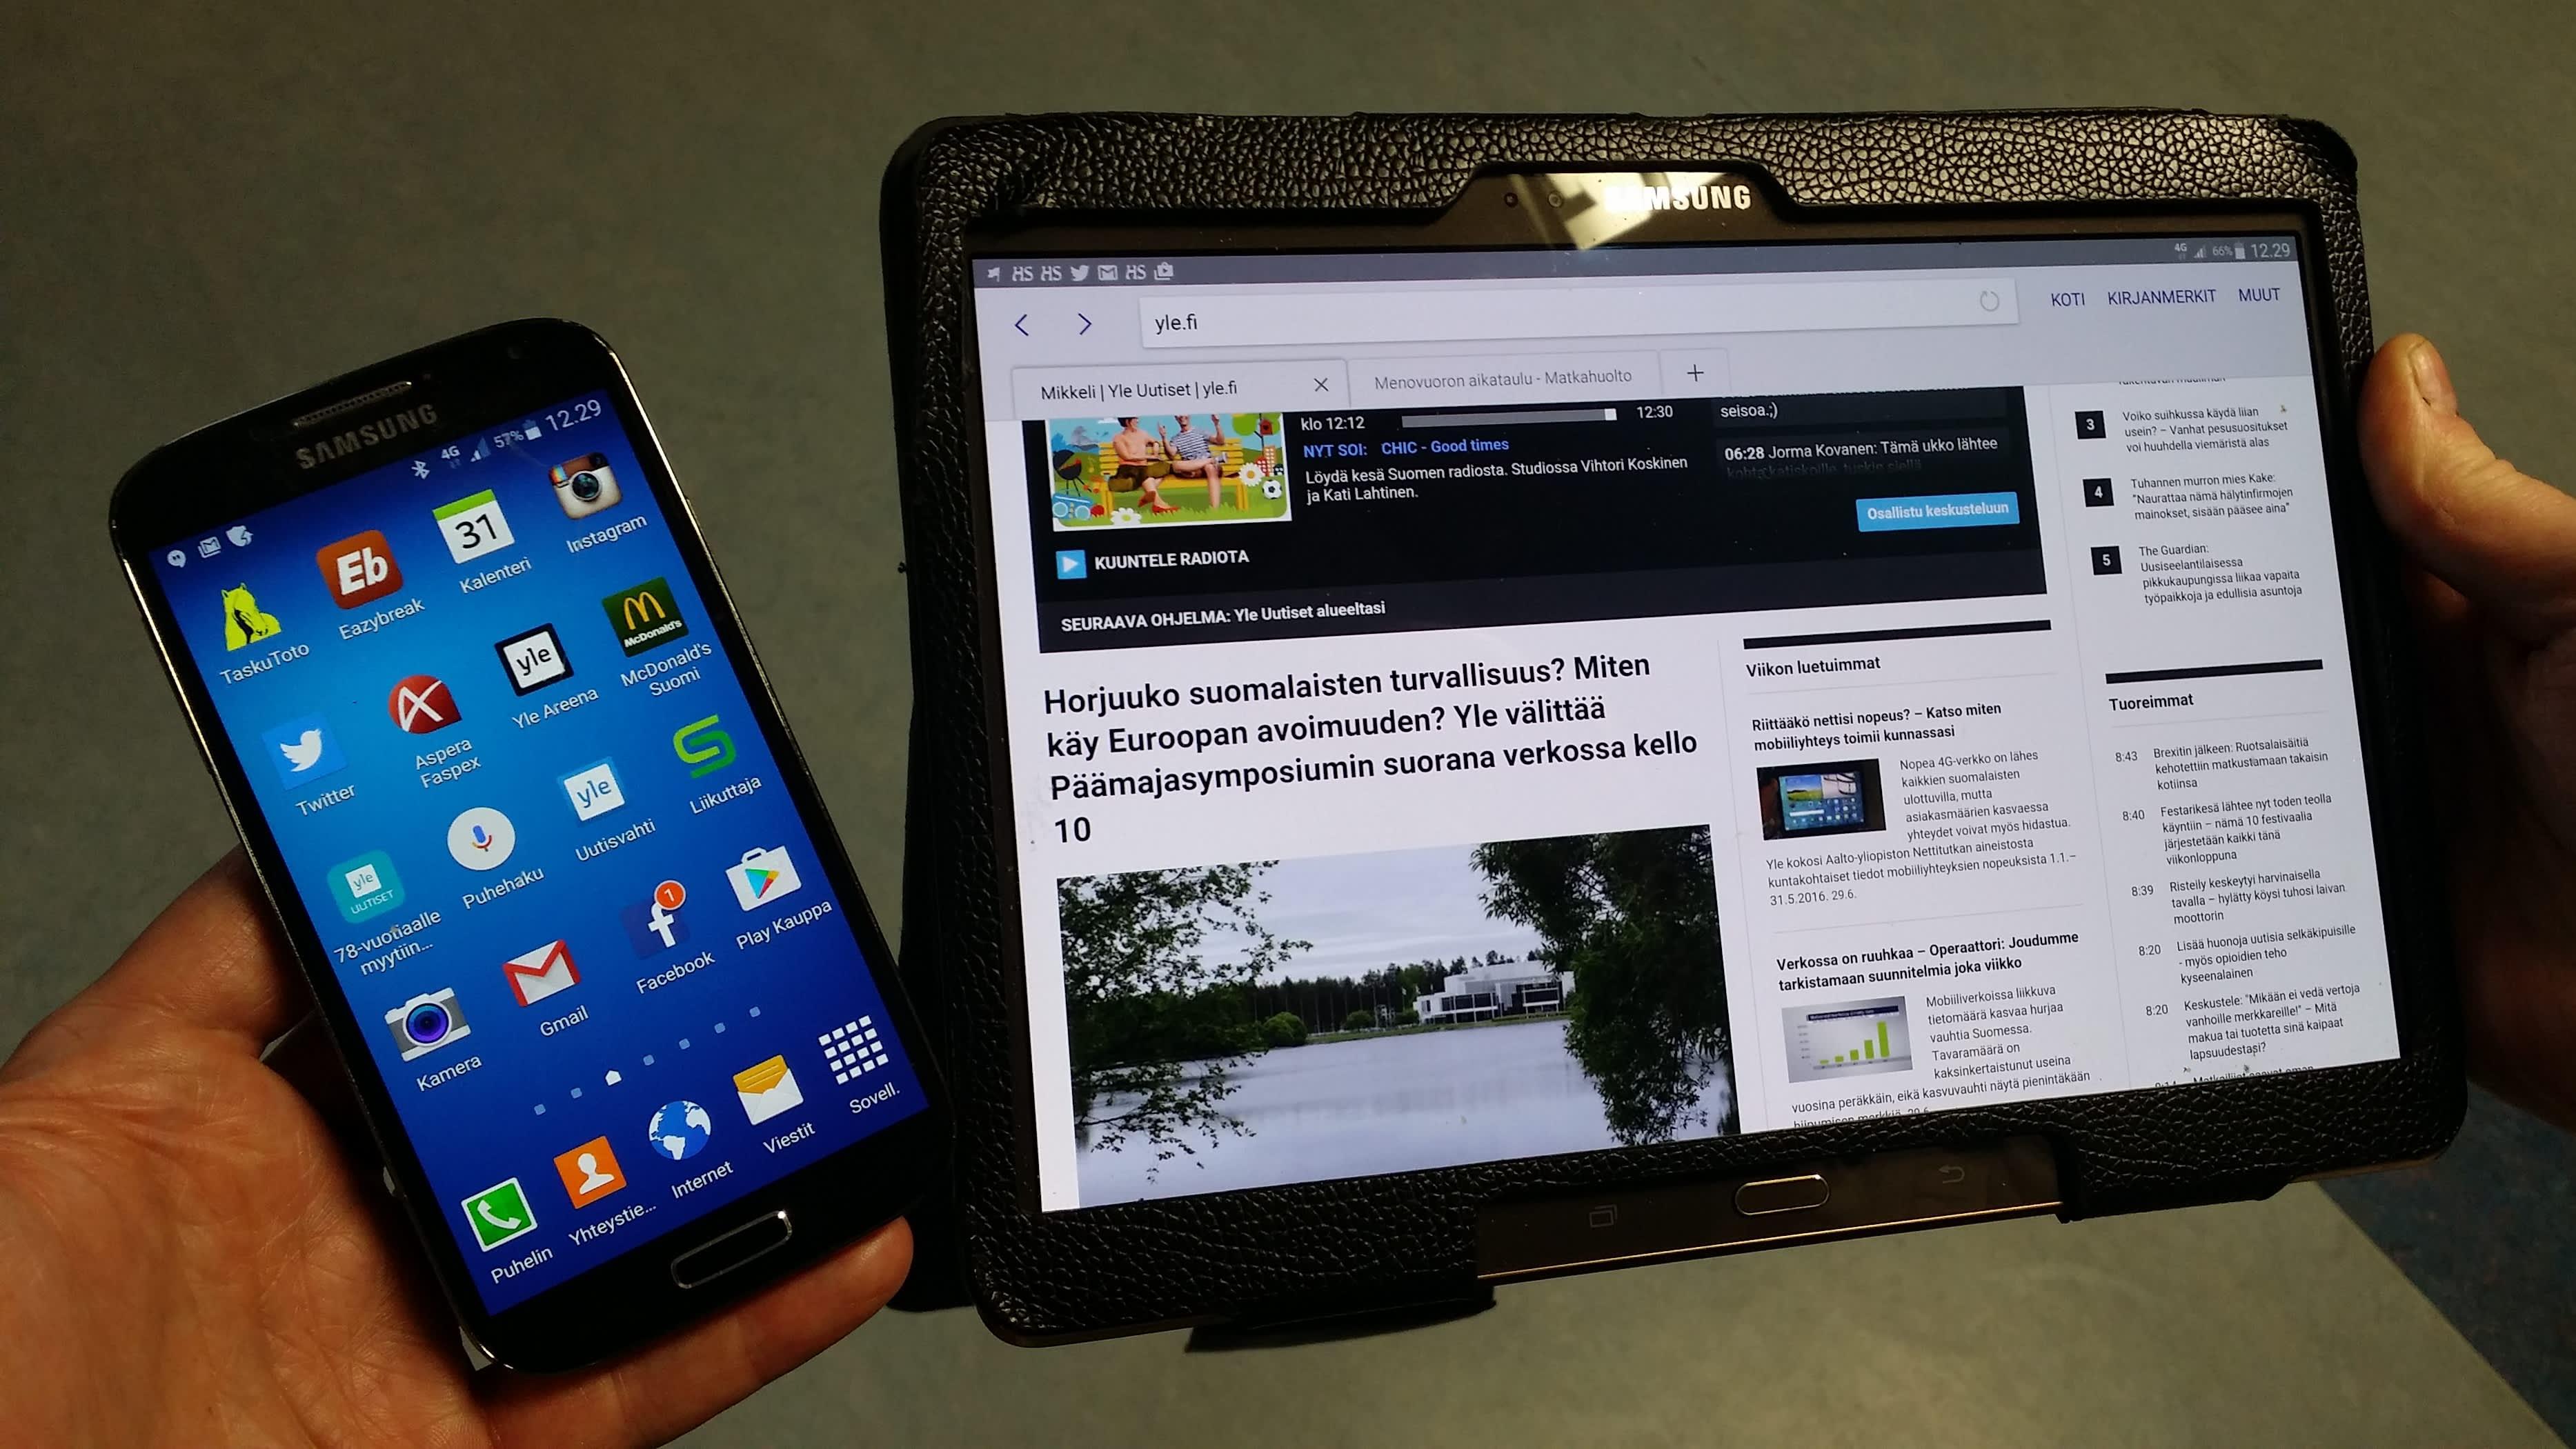 Älypuhelinten ja tablettien käyttö on yleistynyt huimaa vauhtia Suomessa.